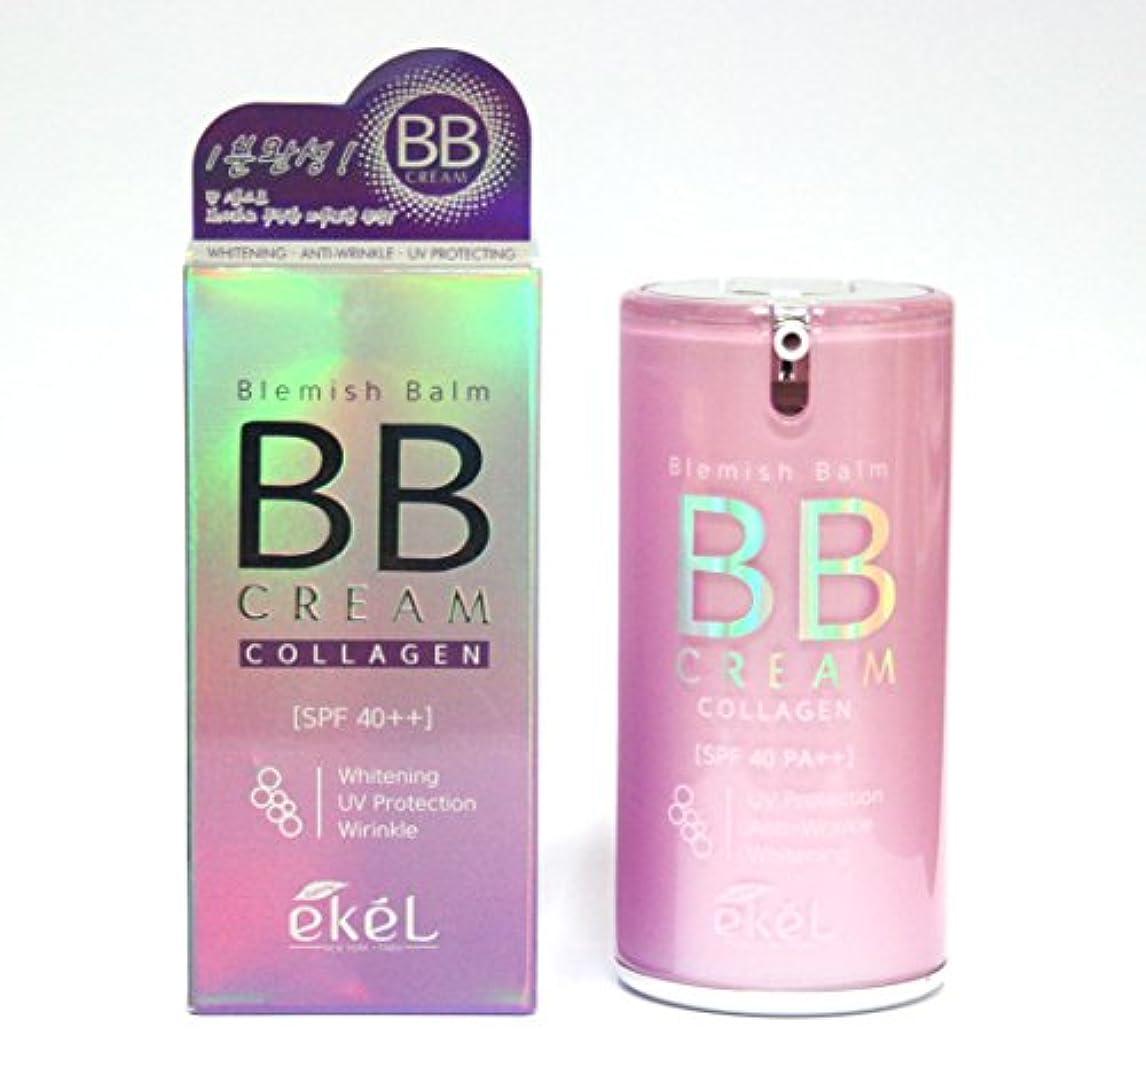 植物のシンポジウム代理人[EKEL] ブレミッシュバームコラーゲンBBクリーム50g / Blemish Balm Collagen BB Cream 50g /ホワイトニング、UV保護、しわ / whitening, uv protection...